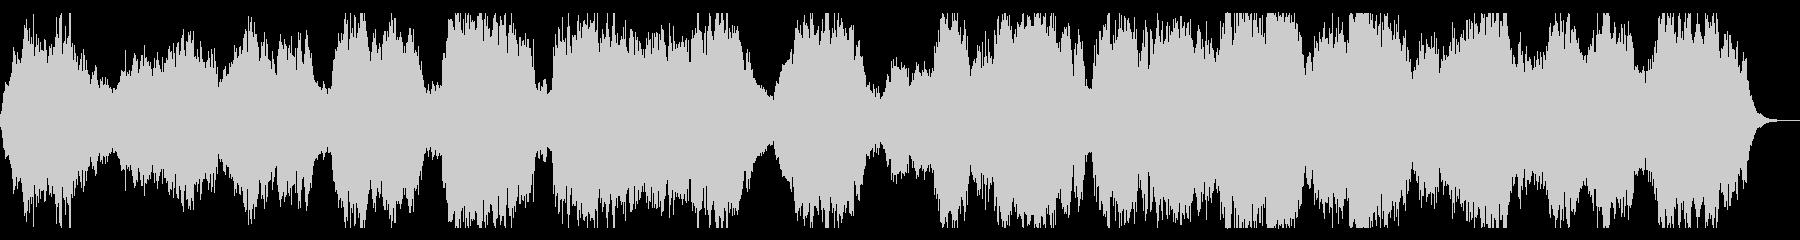 虚ろな世界をイメージしたダークなBGMの未再生の波形